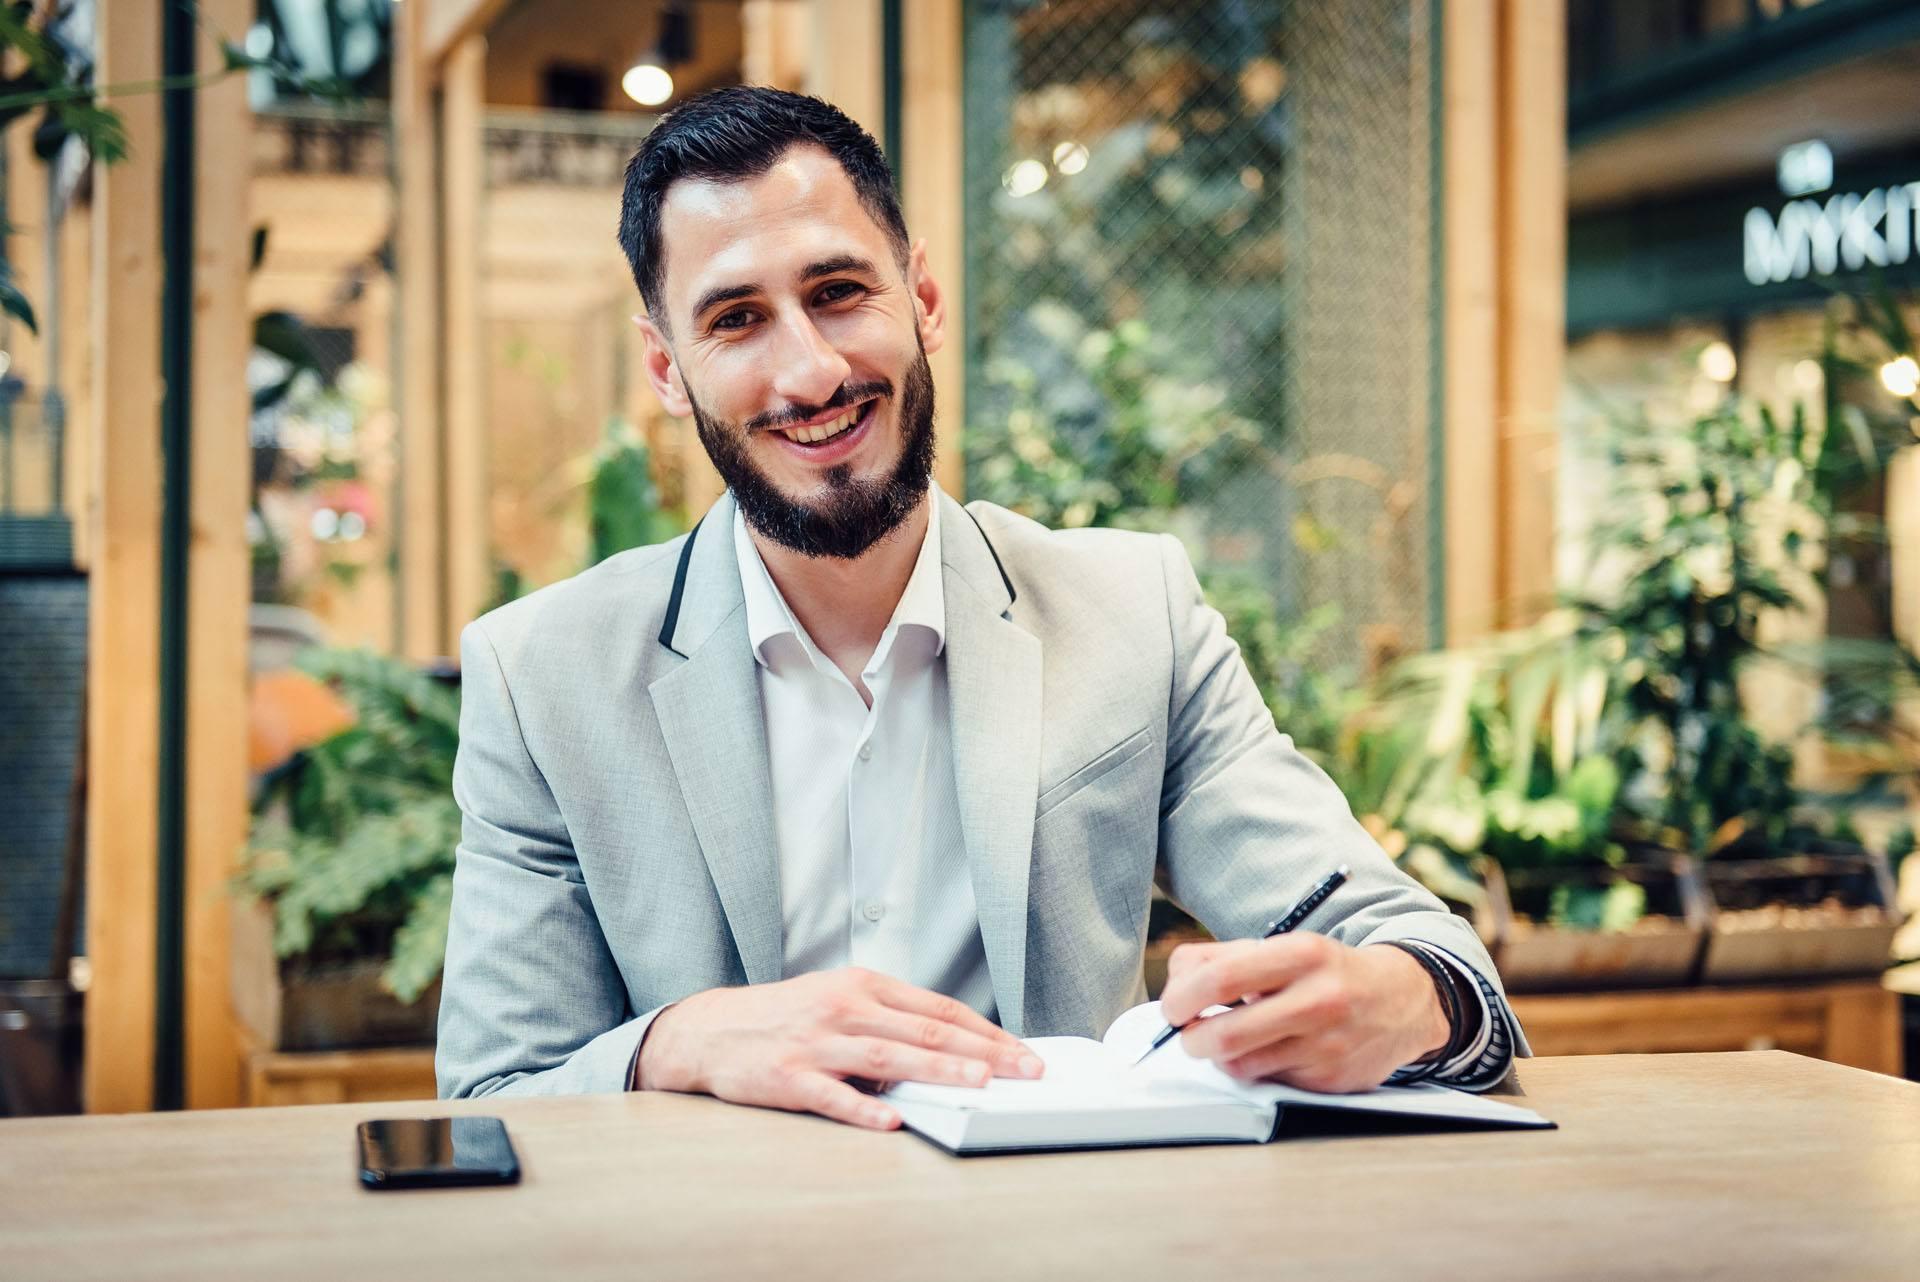 junger Mann mit Bart sitzt in einem Cafe und schreibt in sein Notizbuch